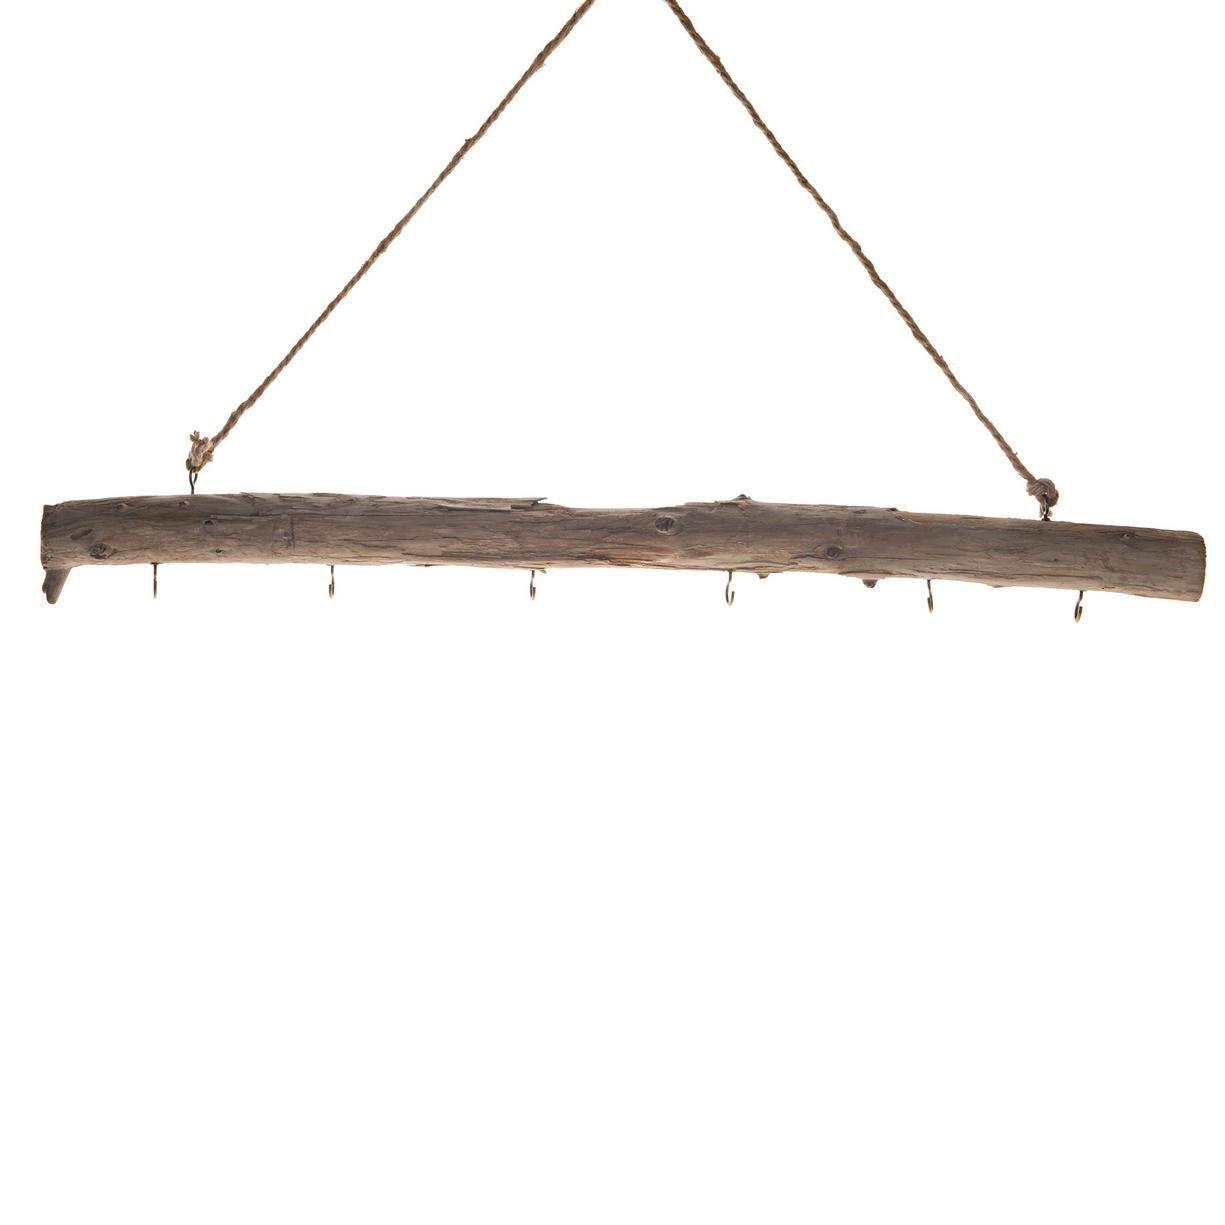 Deze Houten Stok Heeft Een Lengte Van 78 Cm En Heeft 6 Metalen Haken Hang De Stok Op En Bedenk Zelf Wat Voor Decoratie Je Aan De Haken Hanger Decoratie Houten